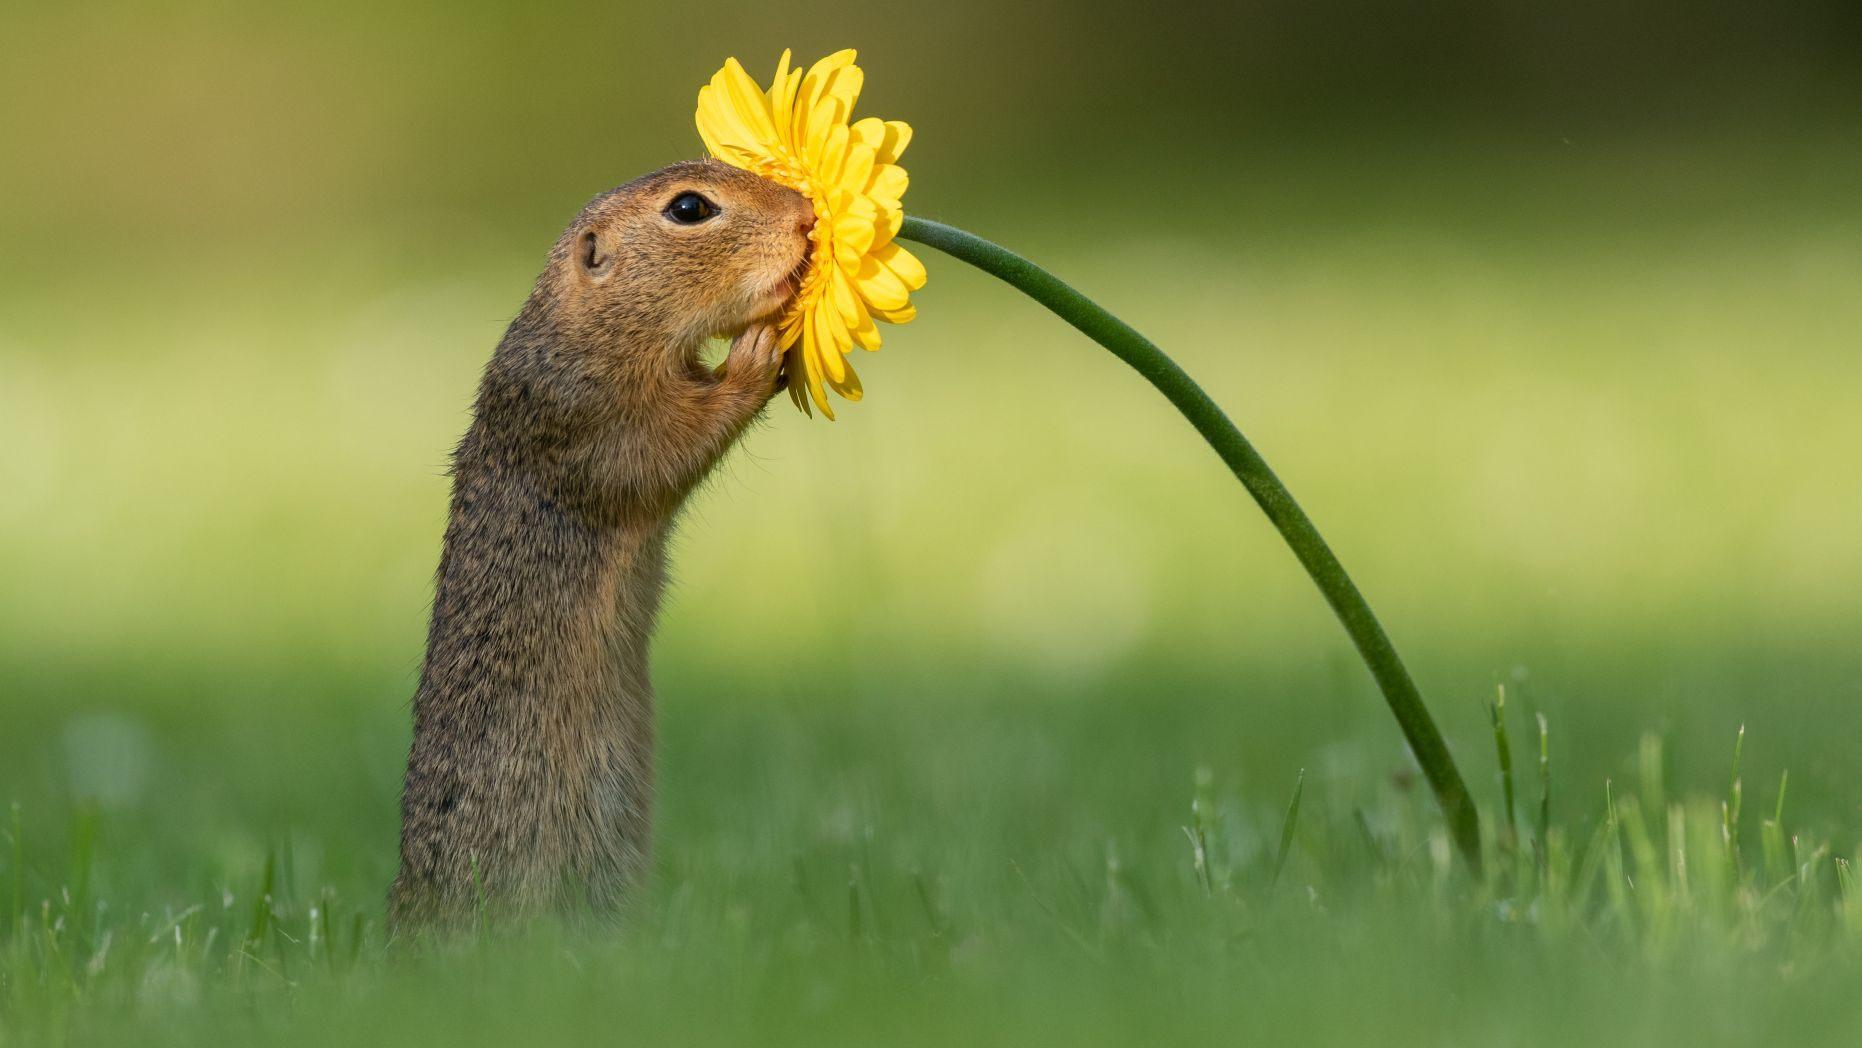 Magjia e një Fotografi - Si një Ketër ndaloi për t'i marrë erë një luleje!